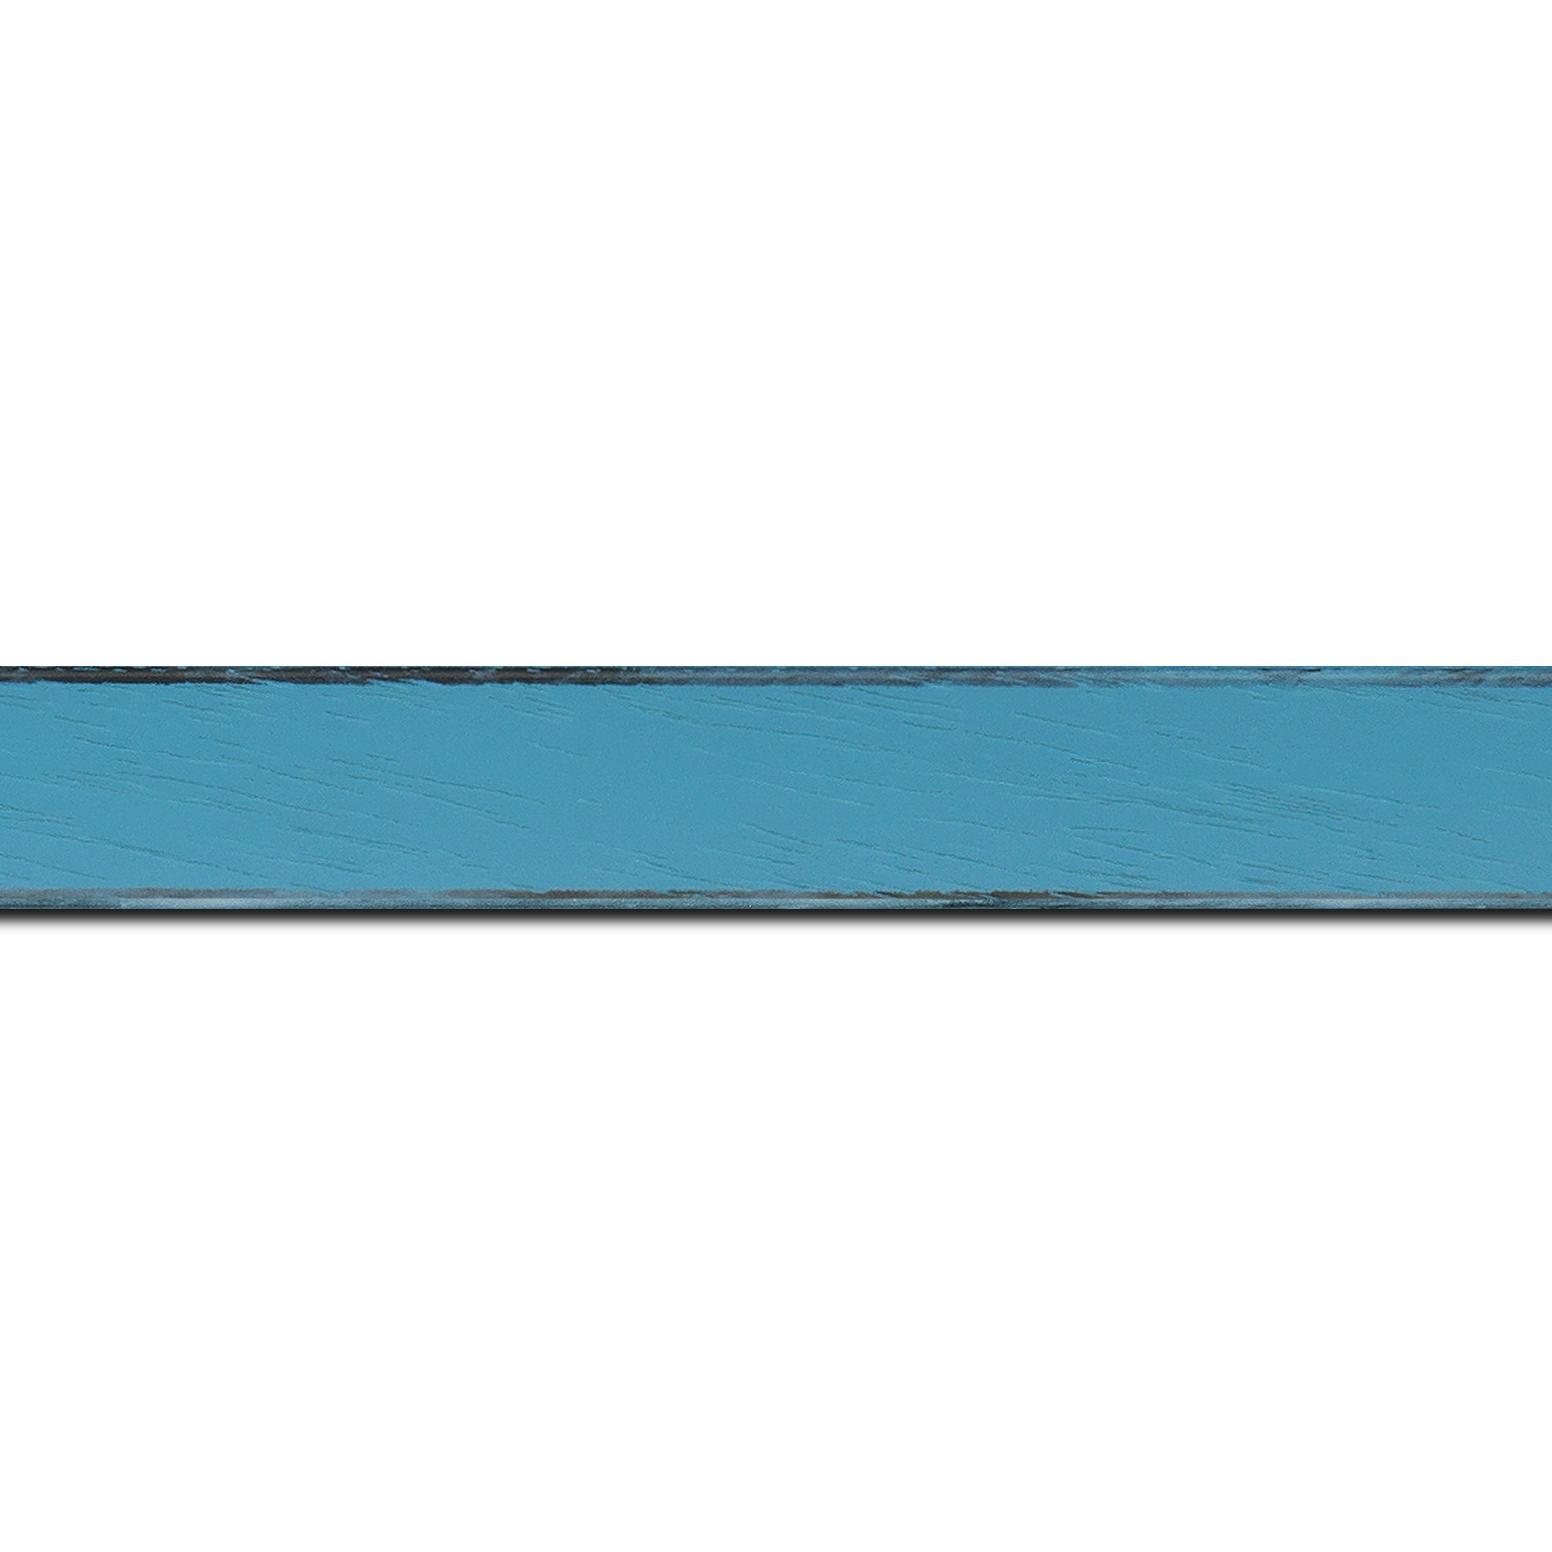 Baguette longueur 1.40m bois profil concave largeur 2.4cm couleur turquoise tonique  satiné  arêtes essuyés noircies de chaque coté